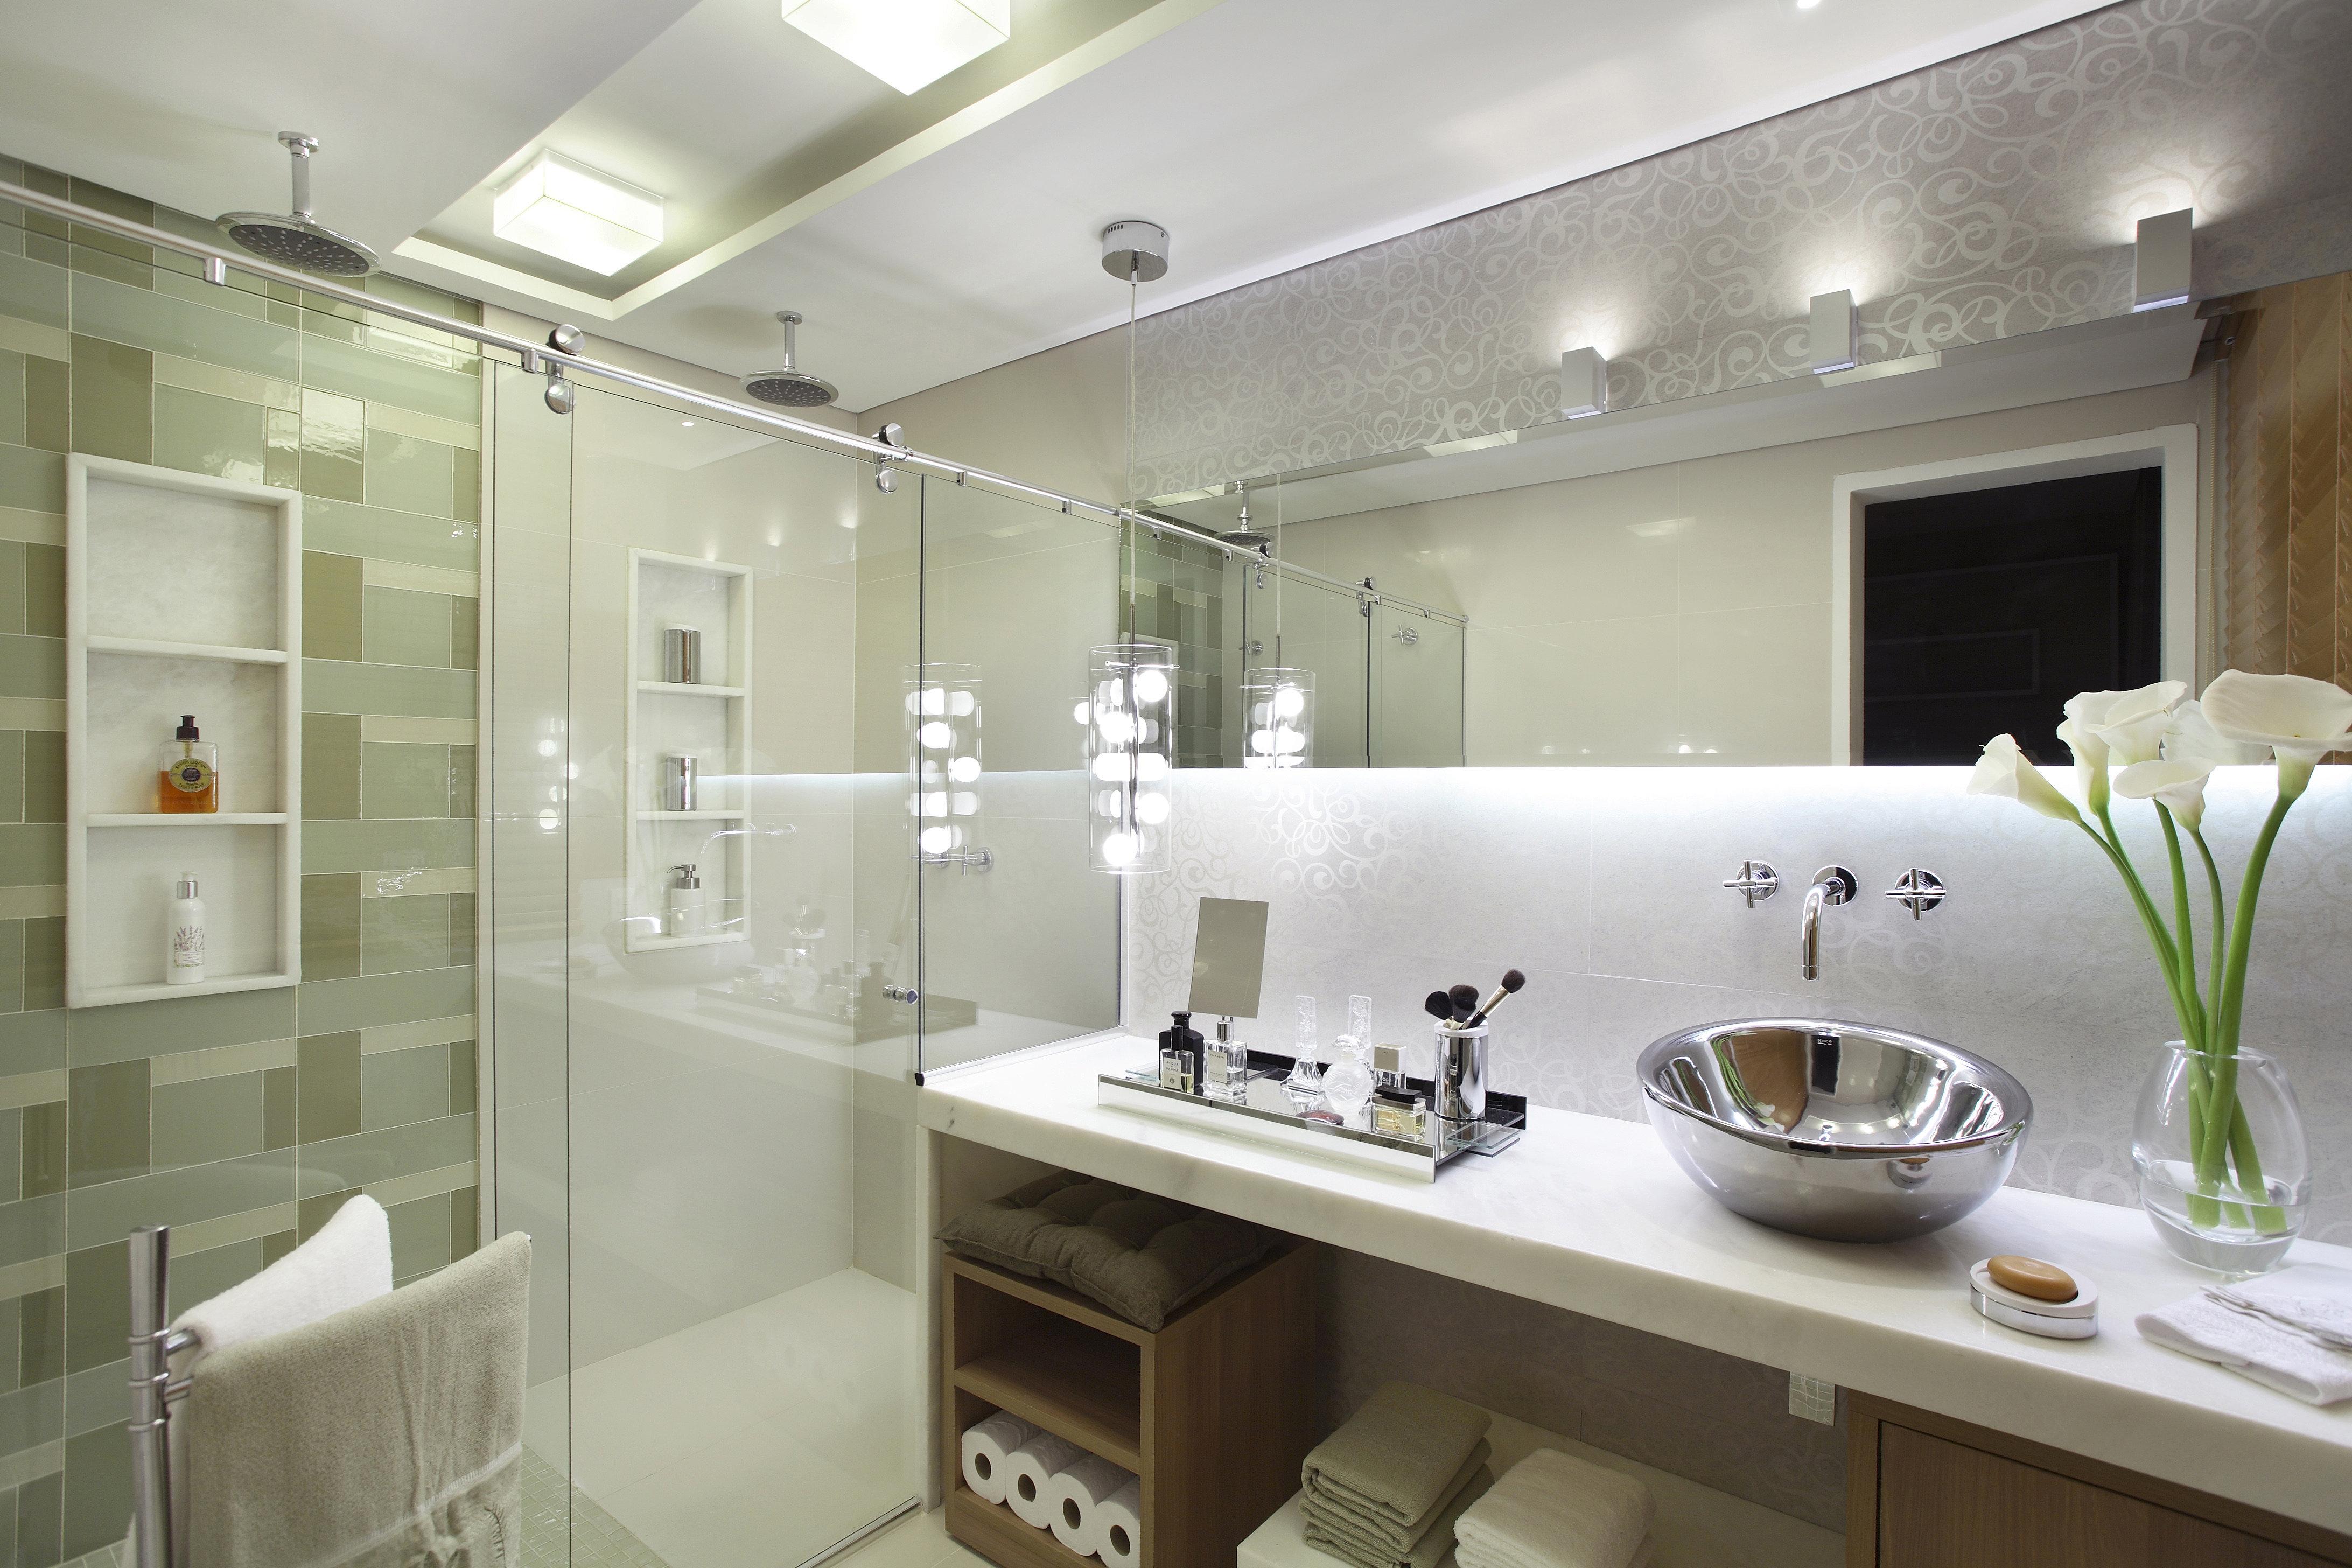 Blindex com kit box elegance da IdeiaGlass. Leveza para o seu banheiro #4E5F28 4368 2912